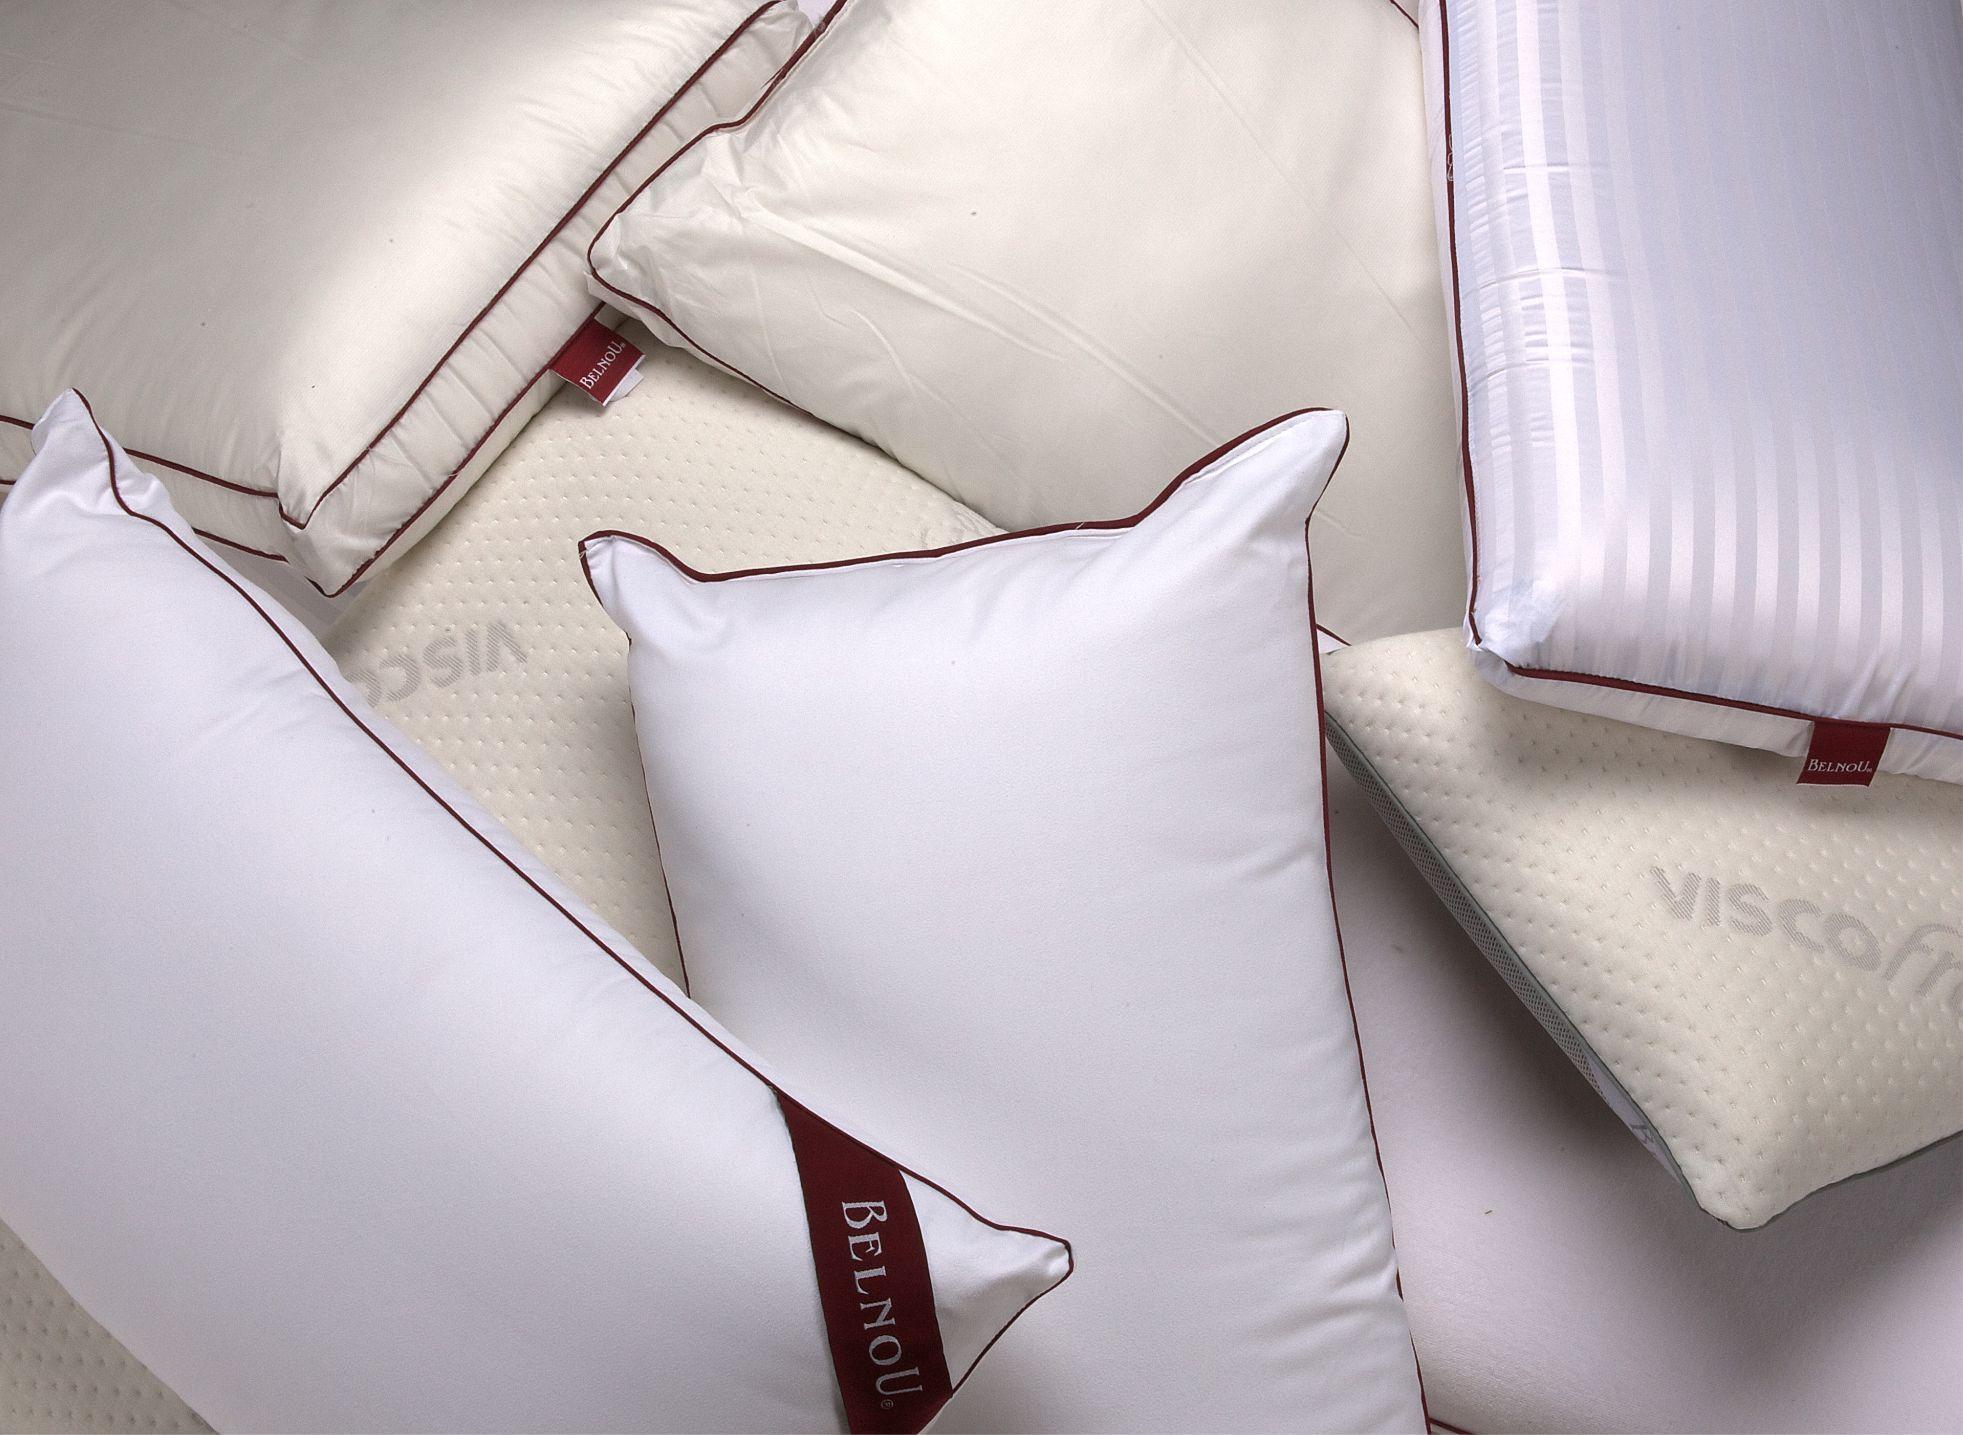 Nueva colección de almohadas viscoelásticas de BELNOU